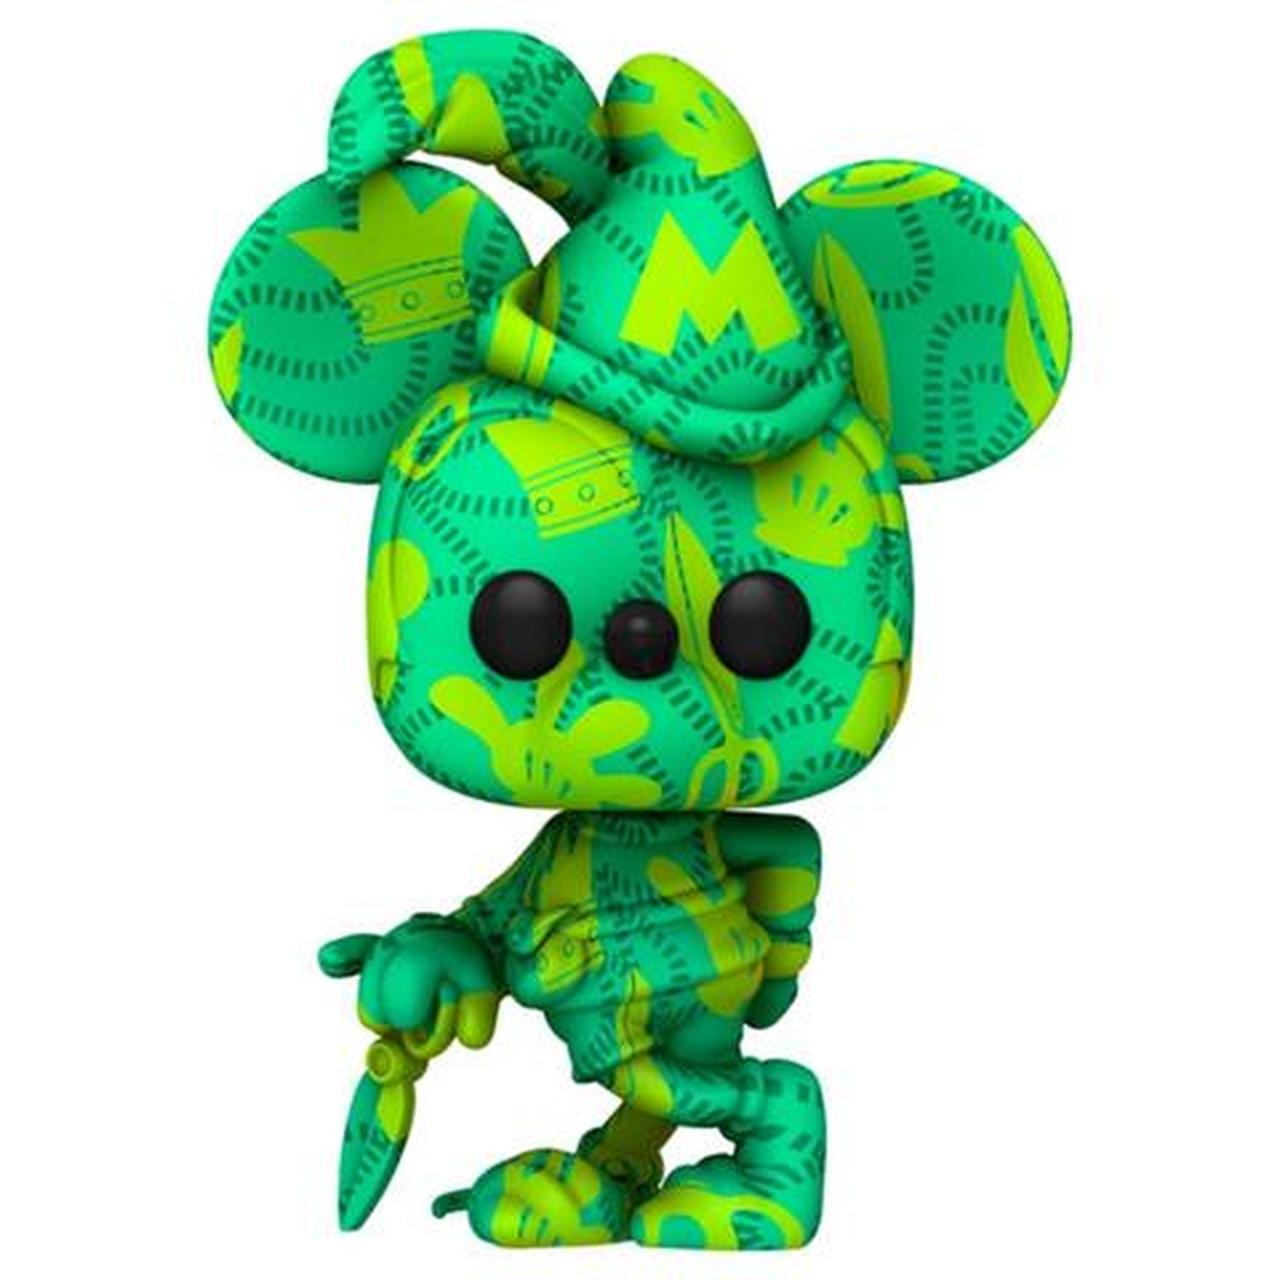 Funko Pop! O Alfaiatezinho Valente Mickey Mouse Disney Art Series Edição Especial Special Edition #21 - Funko